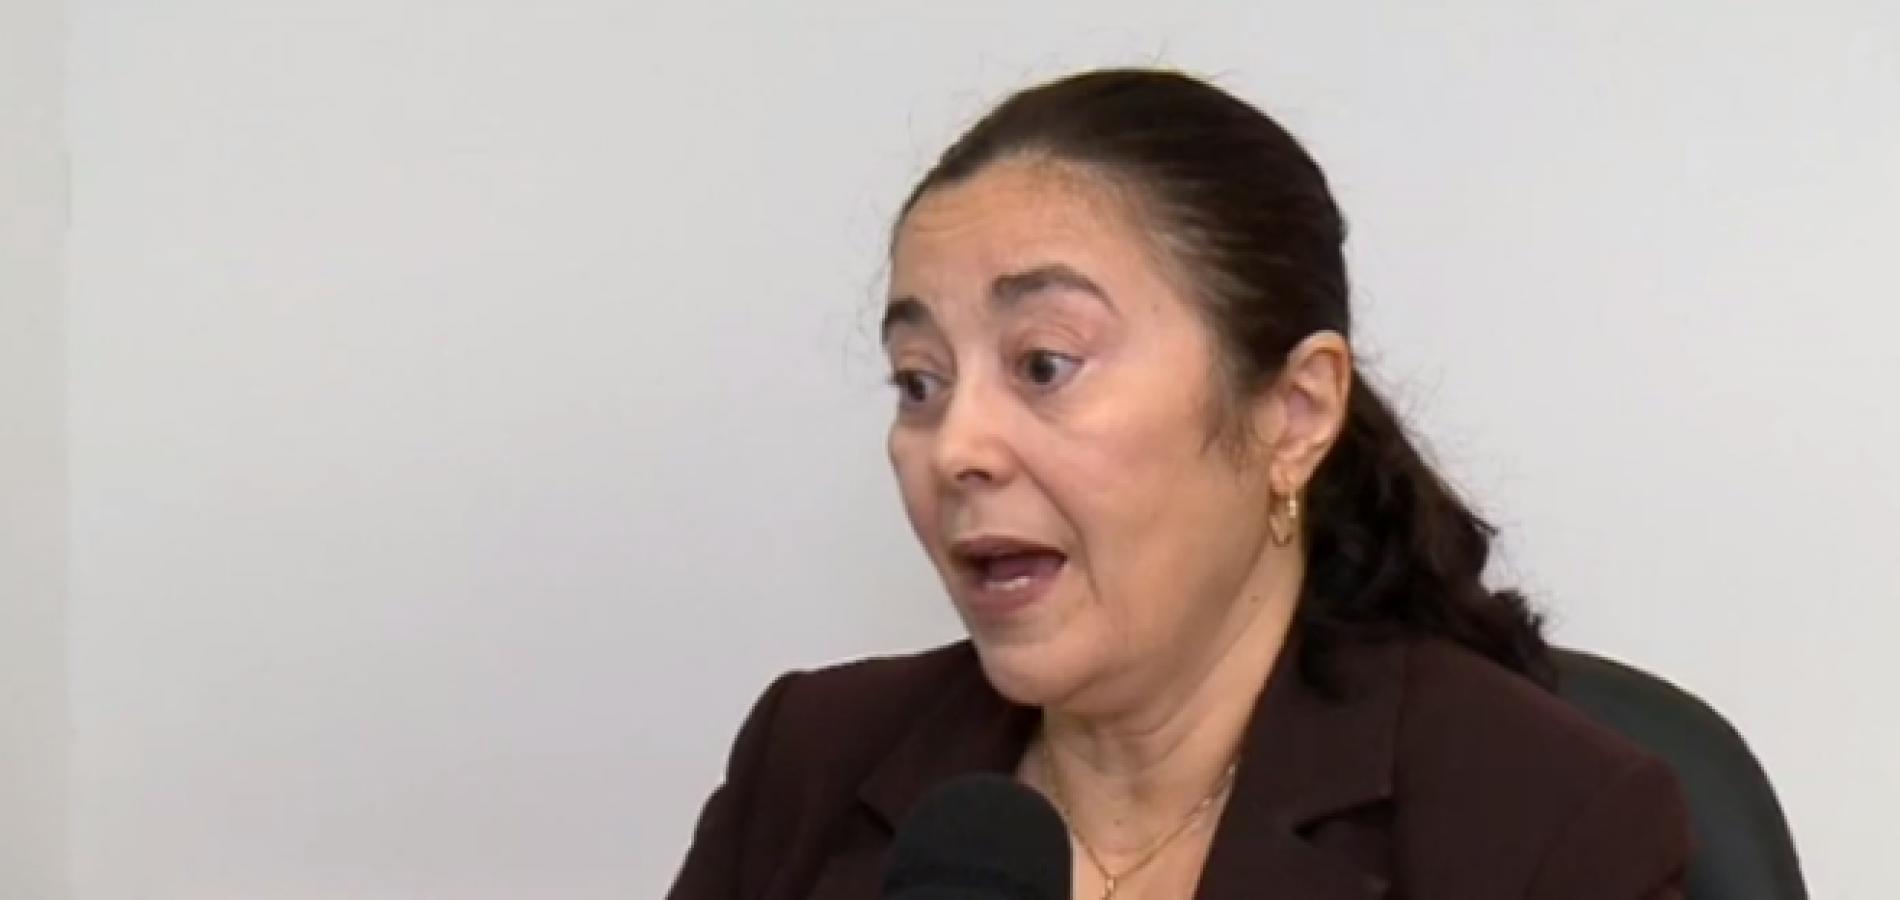 Promotora denuncia descarte de provas com processo em andamento no PI